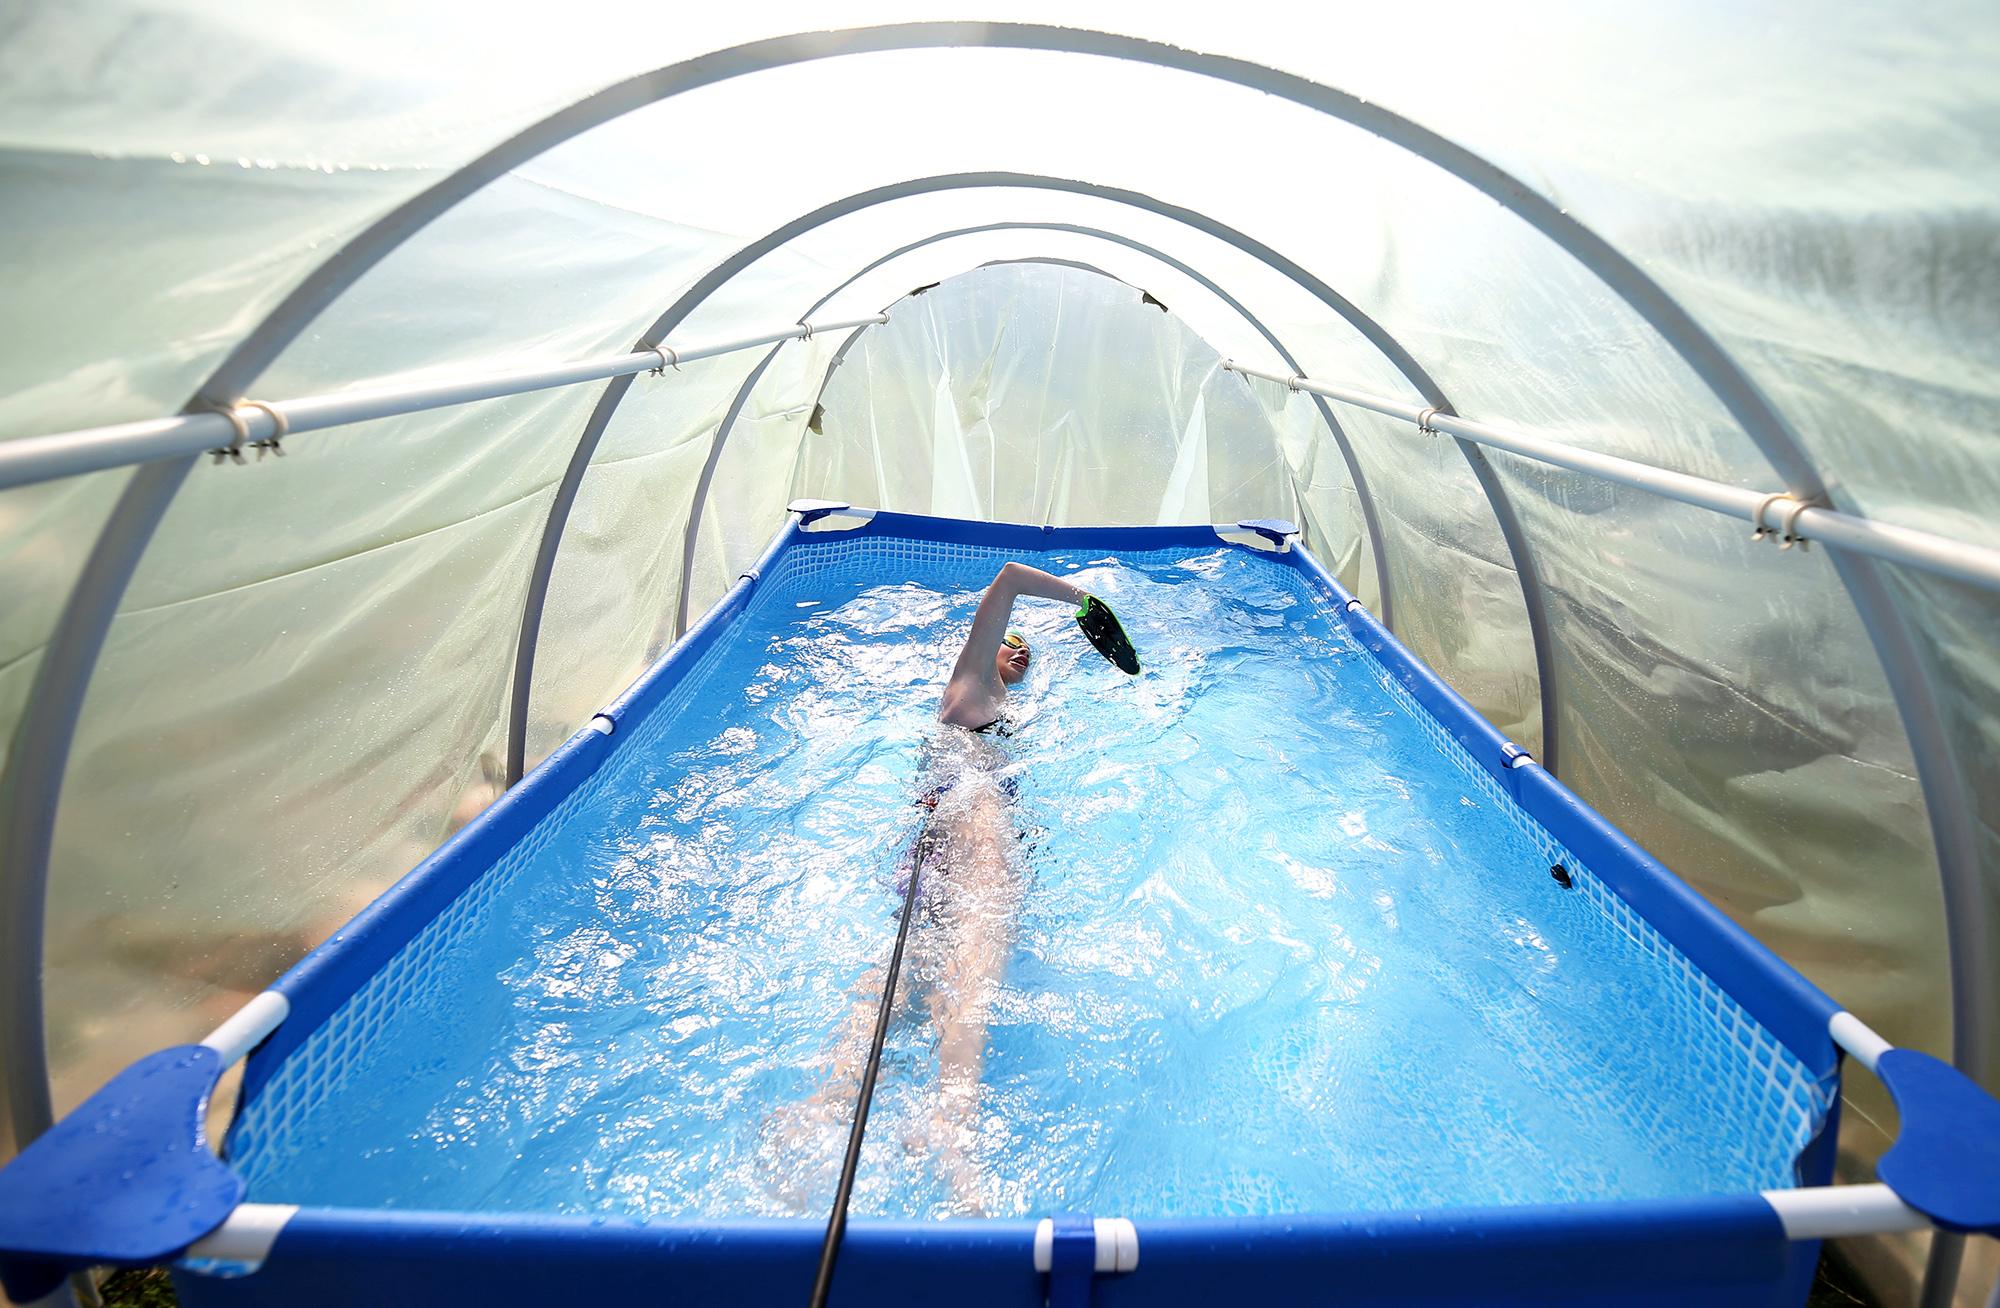 13-летняя чемпионка Боснии иГерцеговины среди юниоров Иман Авдич нашла способ поддерживать форму впериод пандемии: она плавает внебольшом бассейне, установленном втеплице ее дедушки. Спортсменка плавает сверевкой, привязанной кее талии, таким образом имитируя сопротивление. 23 апреля 2020